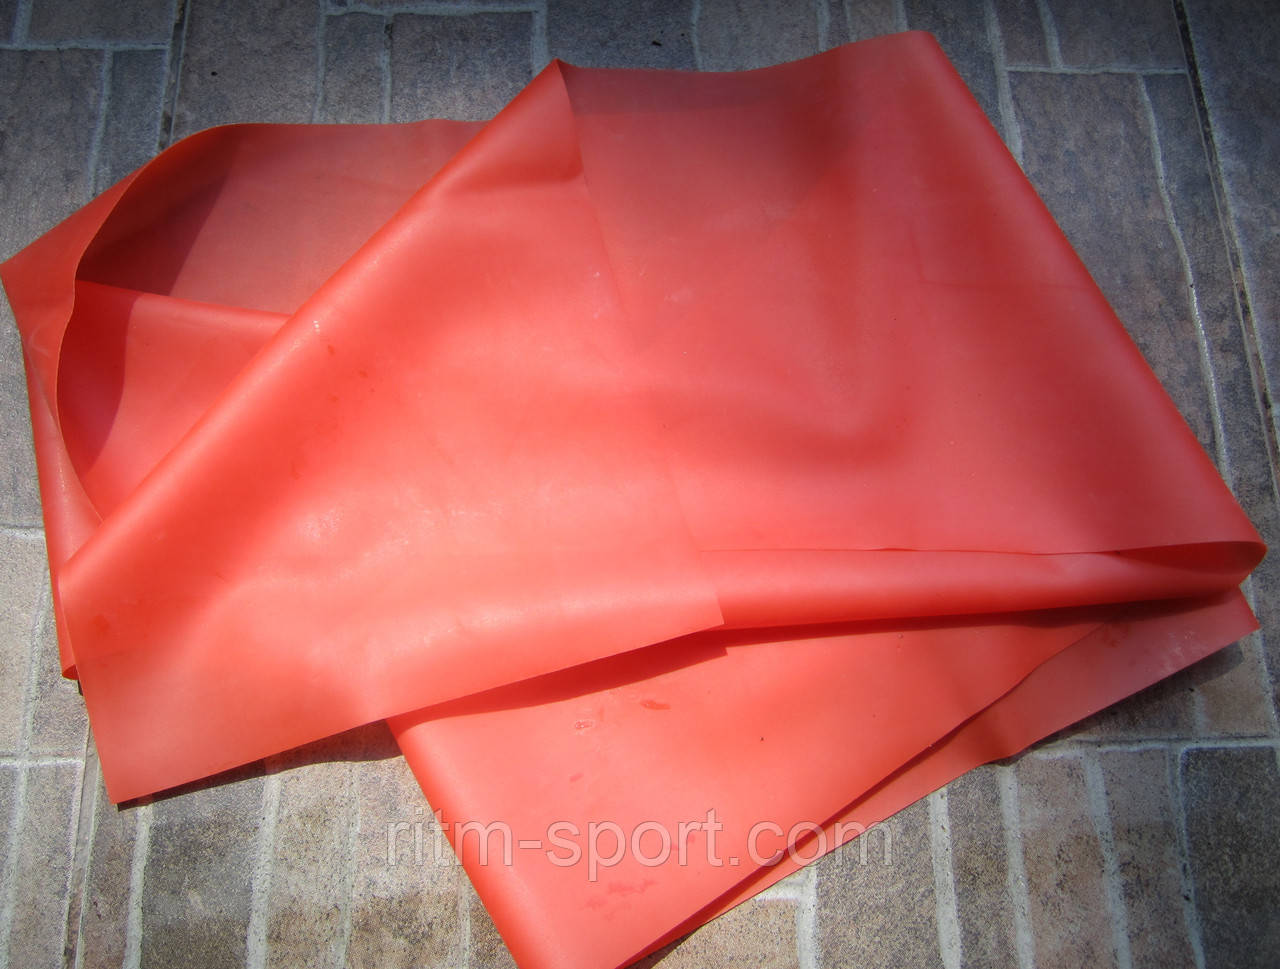 Лента для пилатеса (эластичная лента, 150*15*0,35 мм)